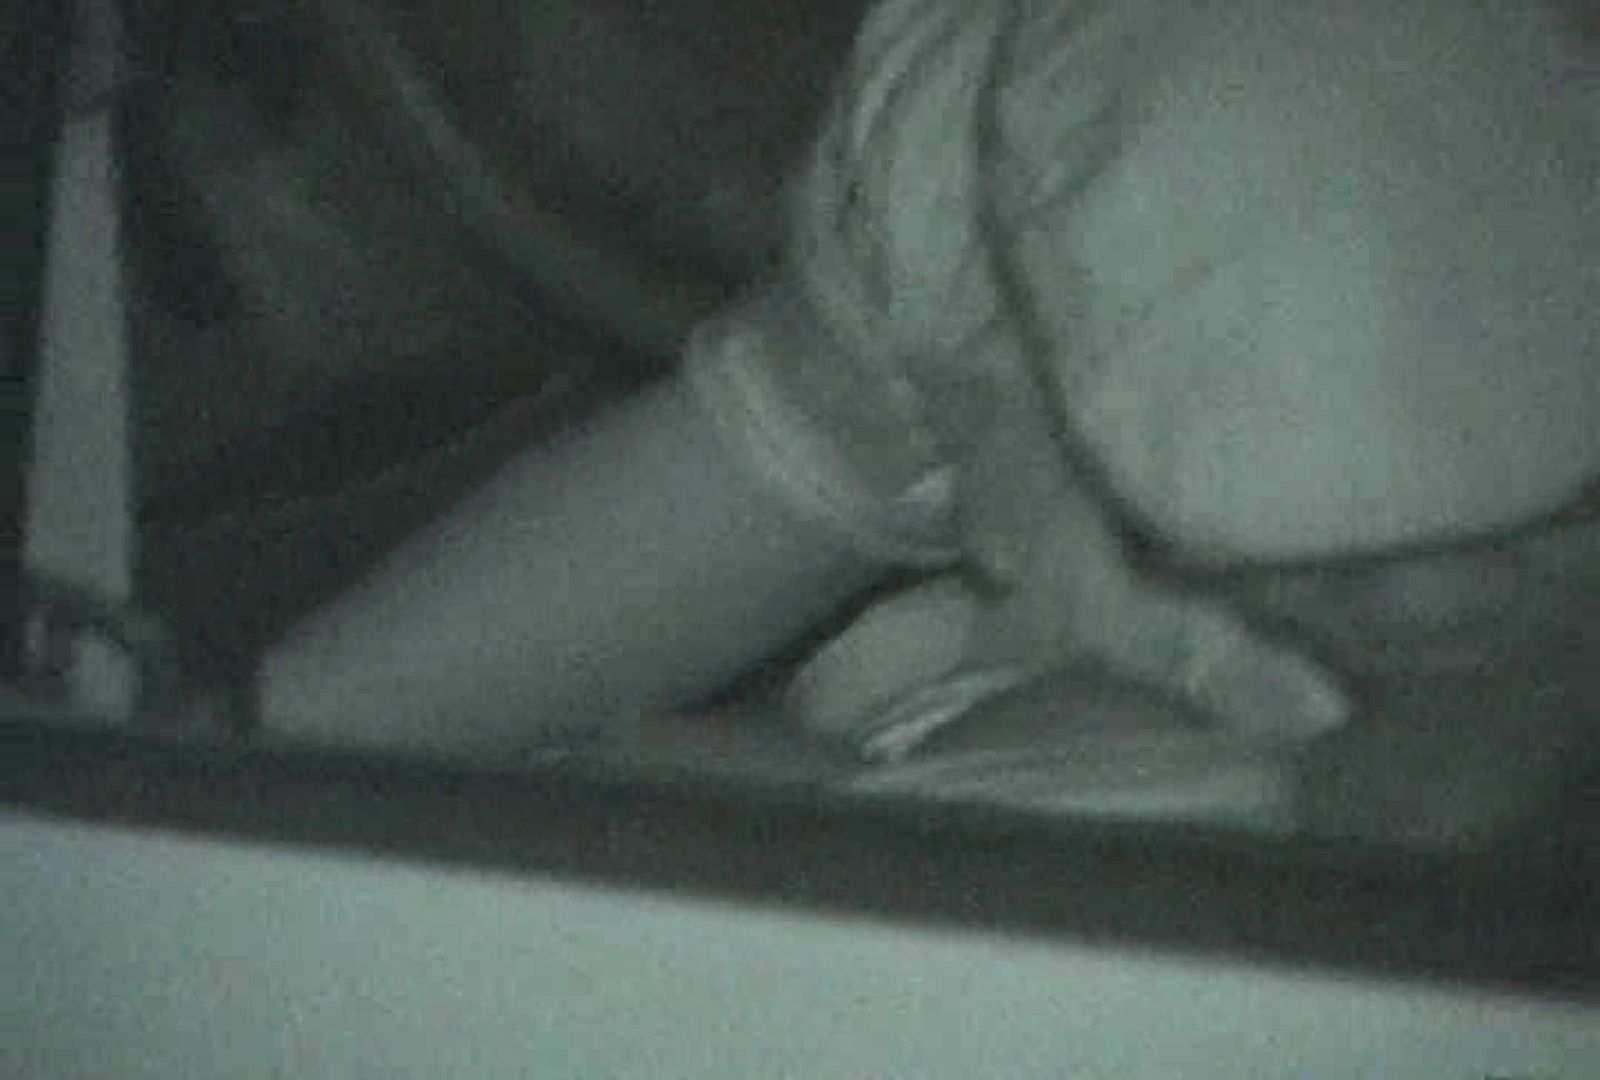 充血監督の深夜の運動会Vol.42 OLすけべ画像 | セックス見放題  55連発 49